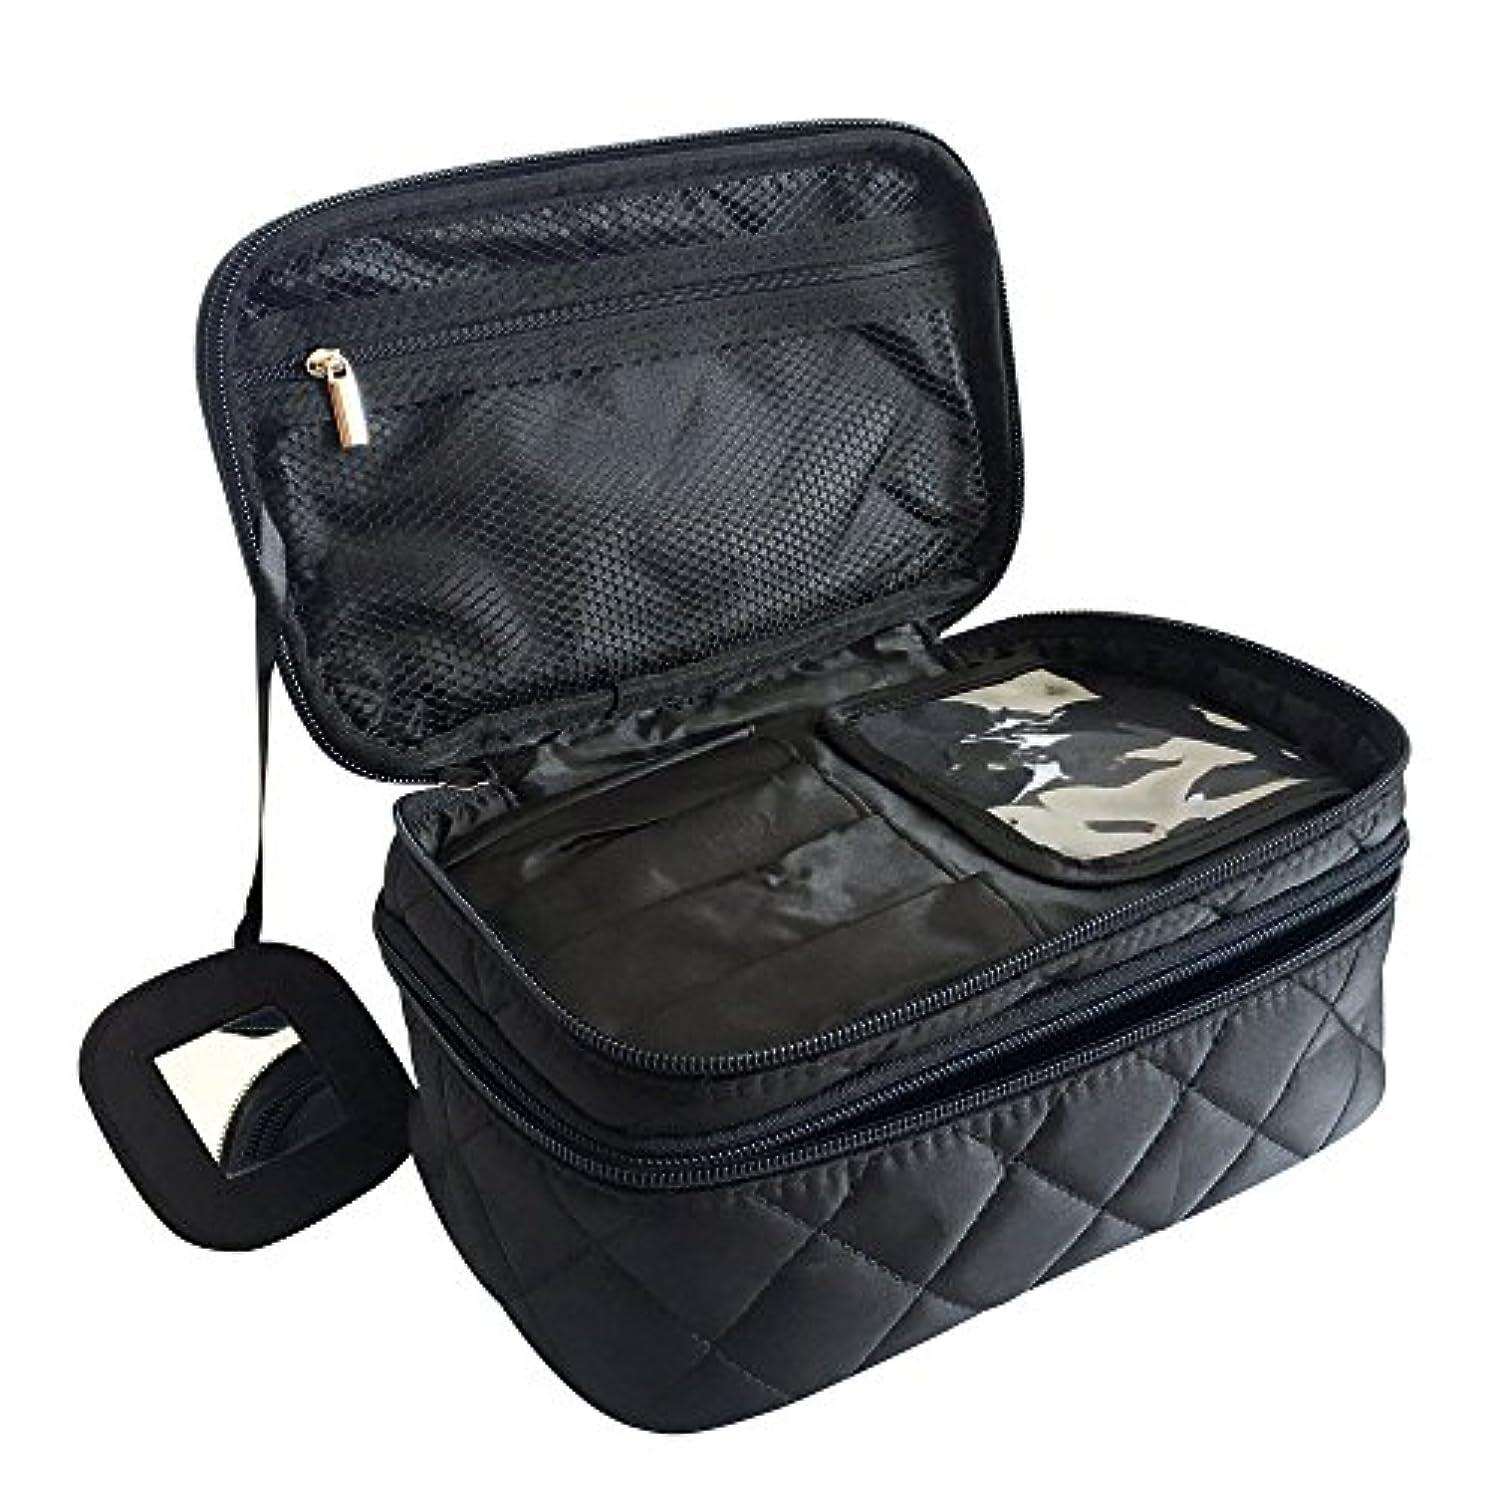 裸波あなたが良くなりますONEGenug プロ用 メイクボックス 高品質 多機能 多容量 メイクブラシバッグ 収納ケース スーツケース・トラベルバッグ 化粧 バッグ メイクブラシ 化粧道具 小物入れ 23cm×14cm×10cm